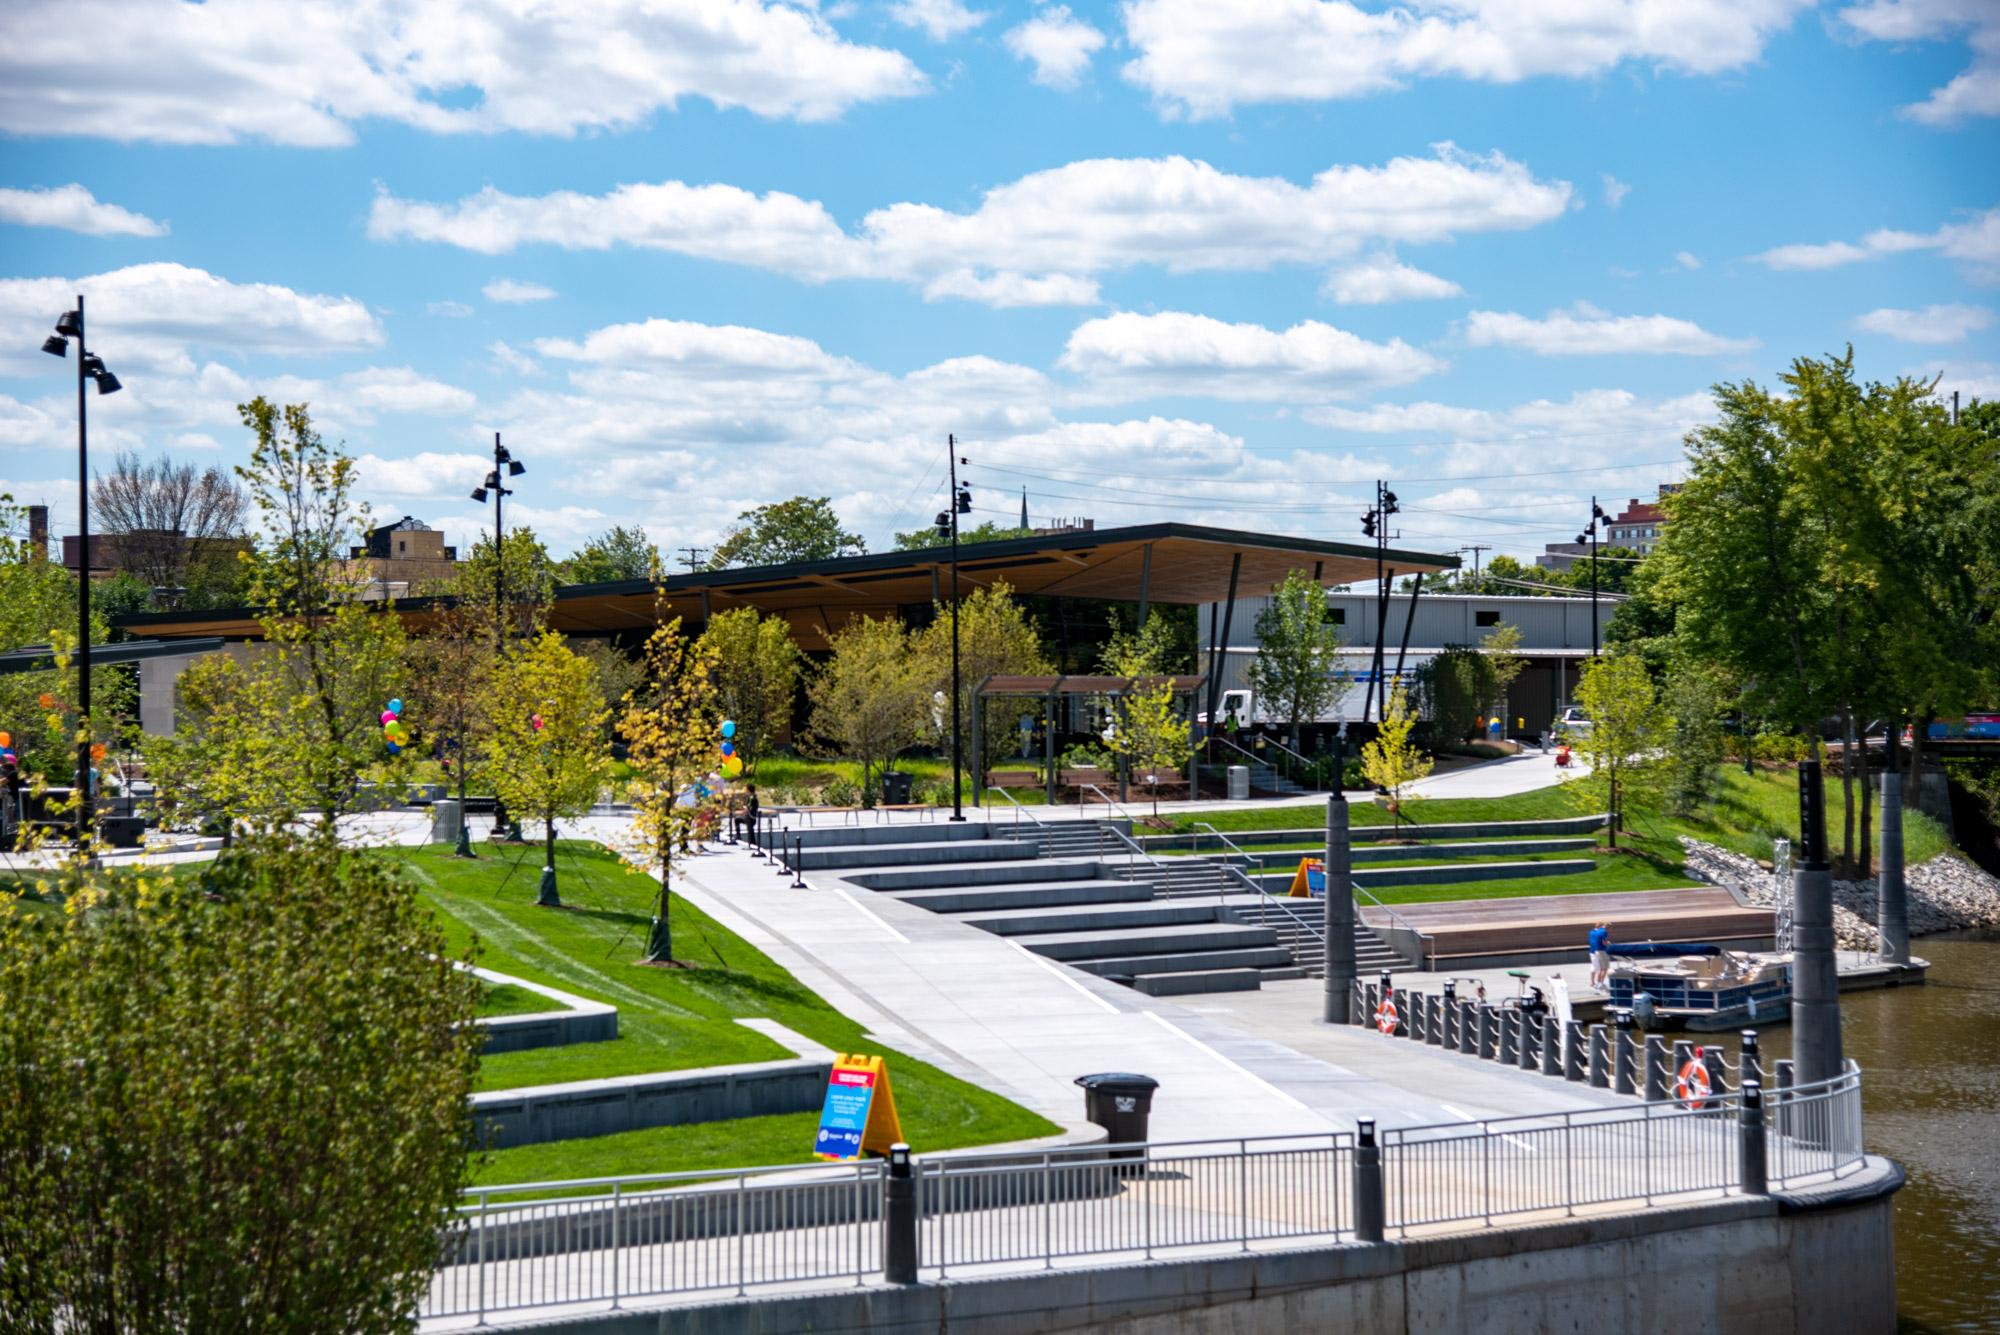 View of Promenade Park in Fort Wayne.